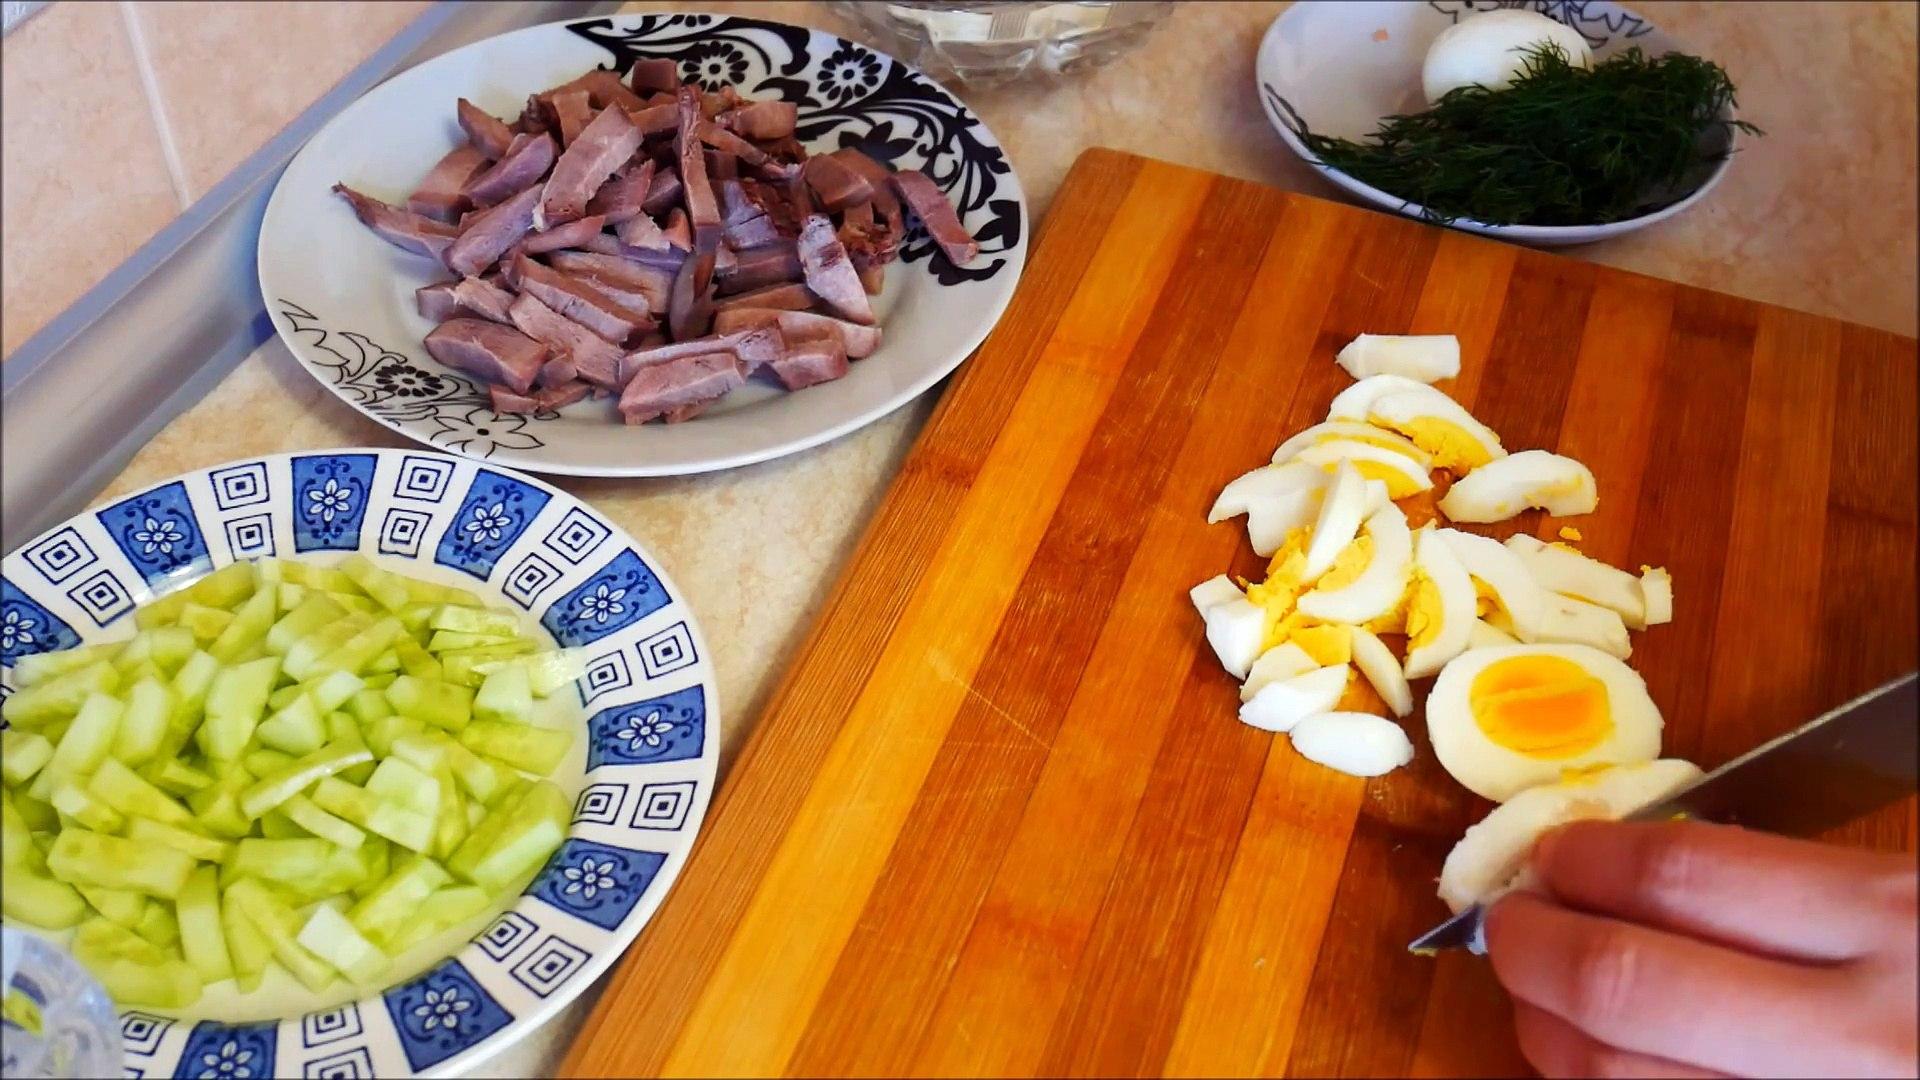 Салат РЕЦЕПТ салат с ЯЗЫКОМ и свежим ОГУРЦОМ Салаты на праздничный стол Салаты рецепты-gZkDM426eNg